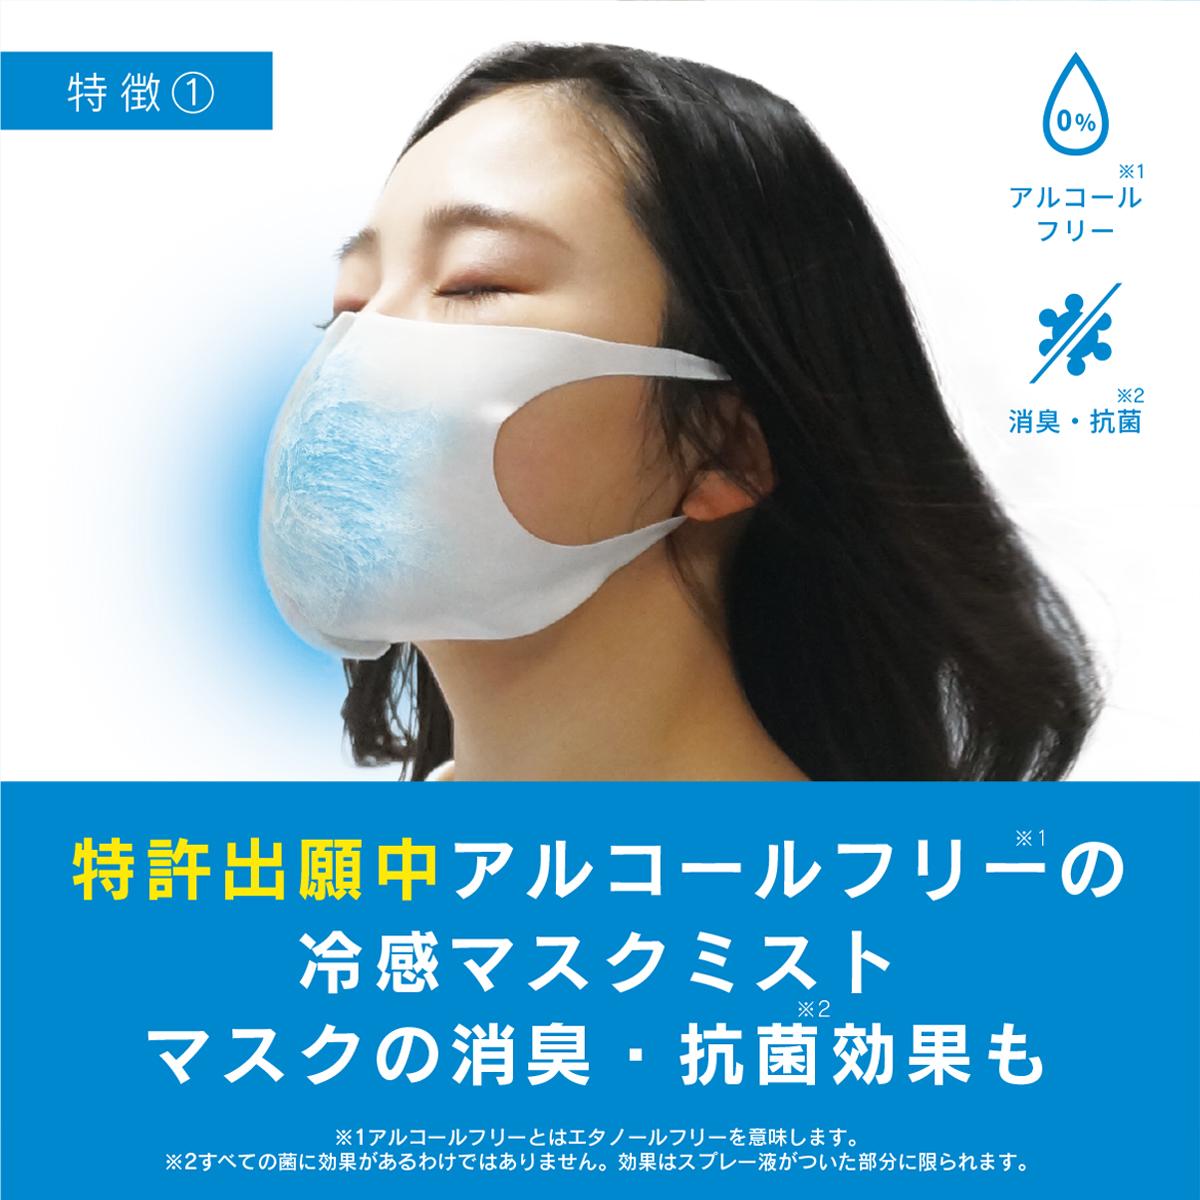 マスク用 リフレッシュミスト